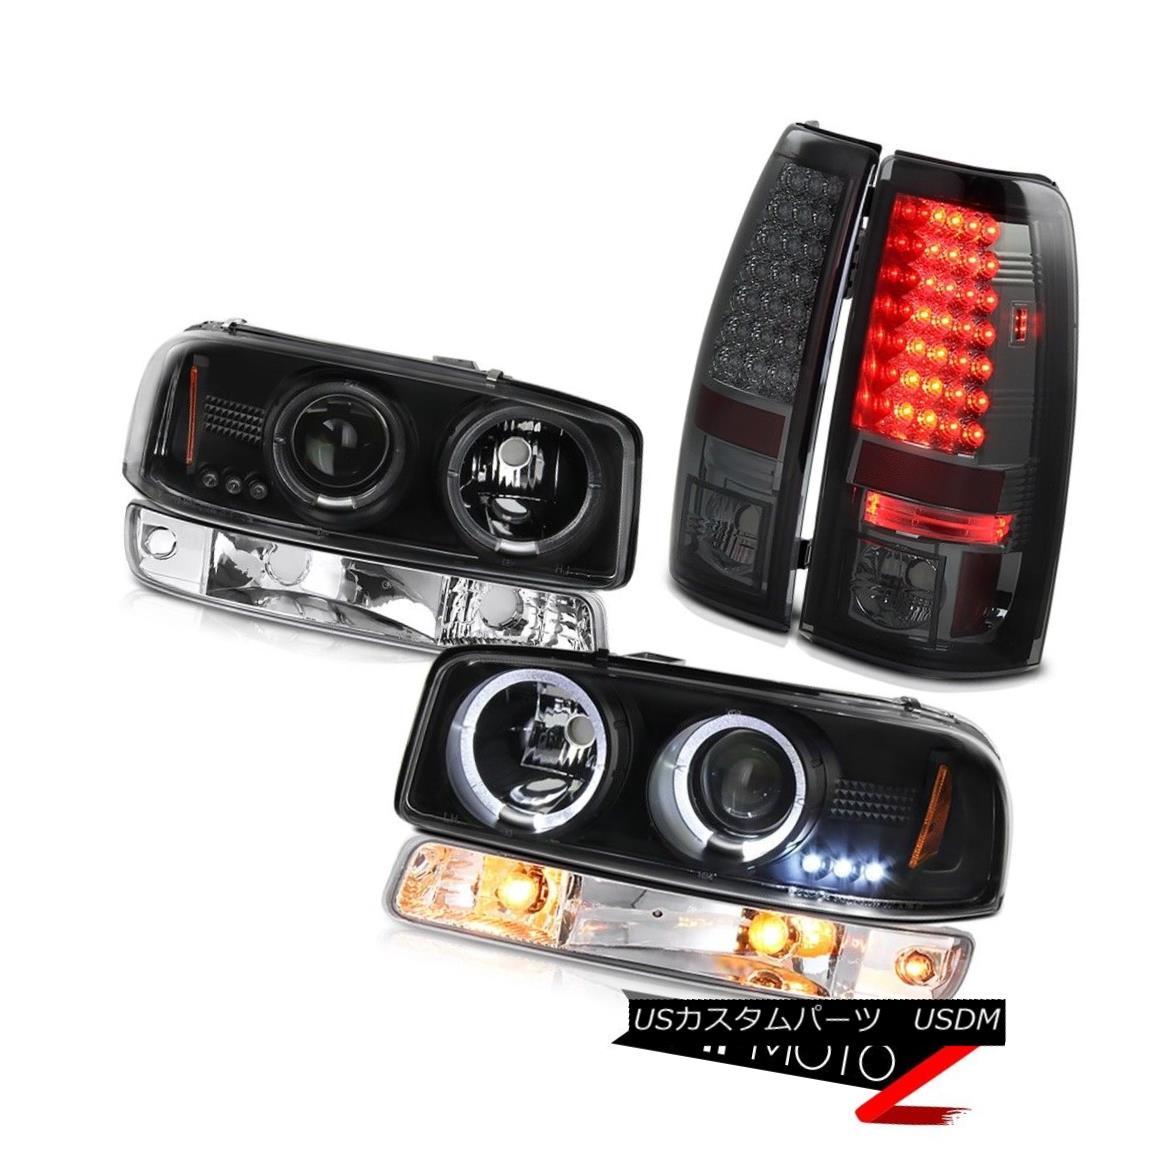 ヘッドライト 1999-2002 Sierra 1500 Smoked led tail lights euro chrome bumper lamp headlights 1999-2002 Sierra 1500 Smoke ledテールライトユーロクロムバンパーランプヘッドライト